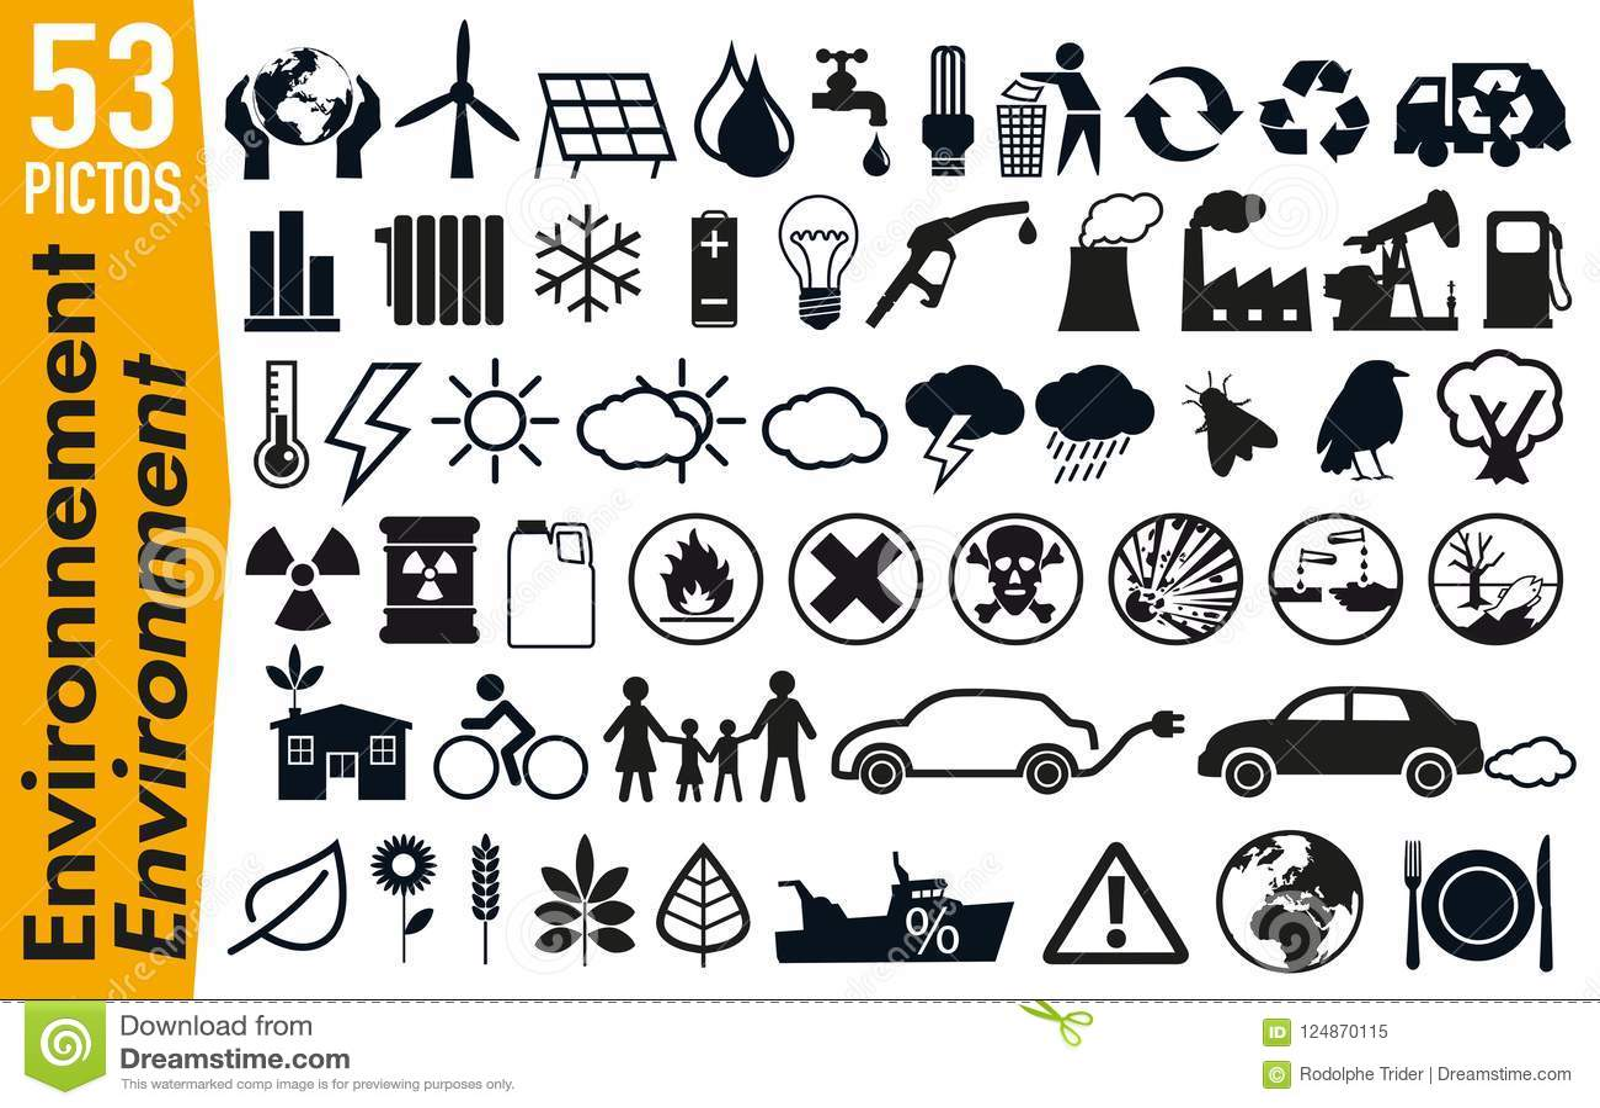 53 εικονογράμματα συστημάτων σηματοδότησης στο περιβάλλον και την οικολογία